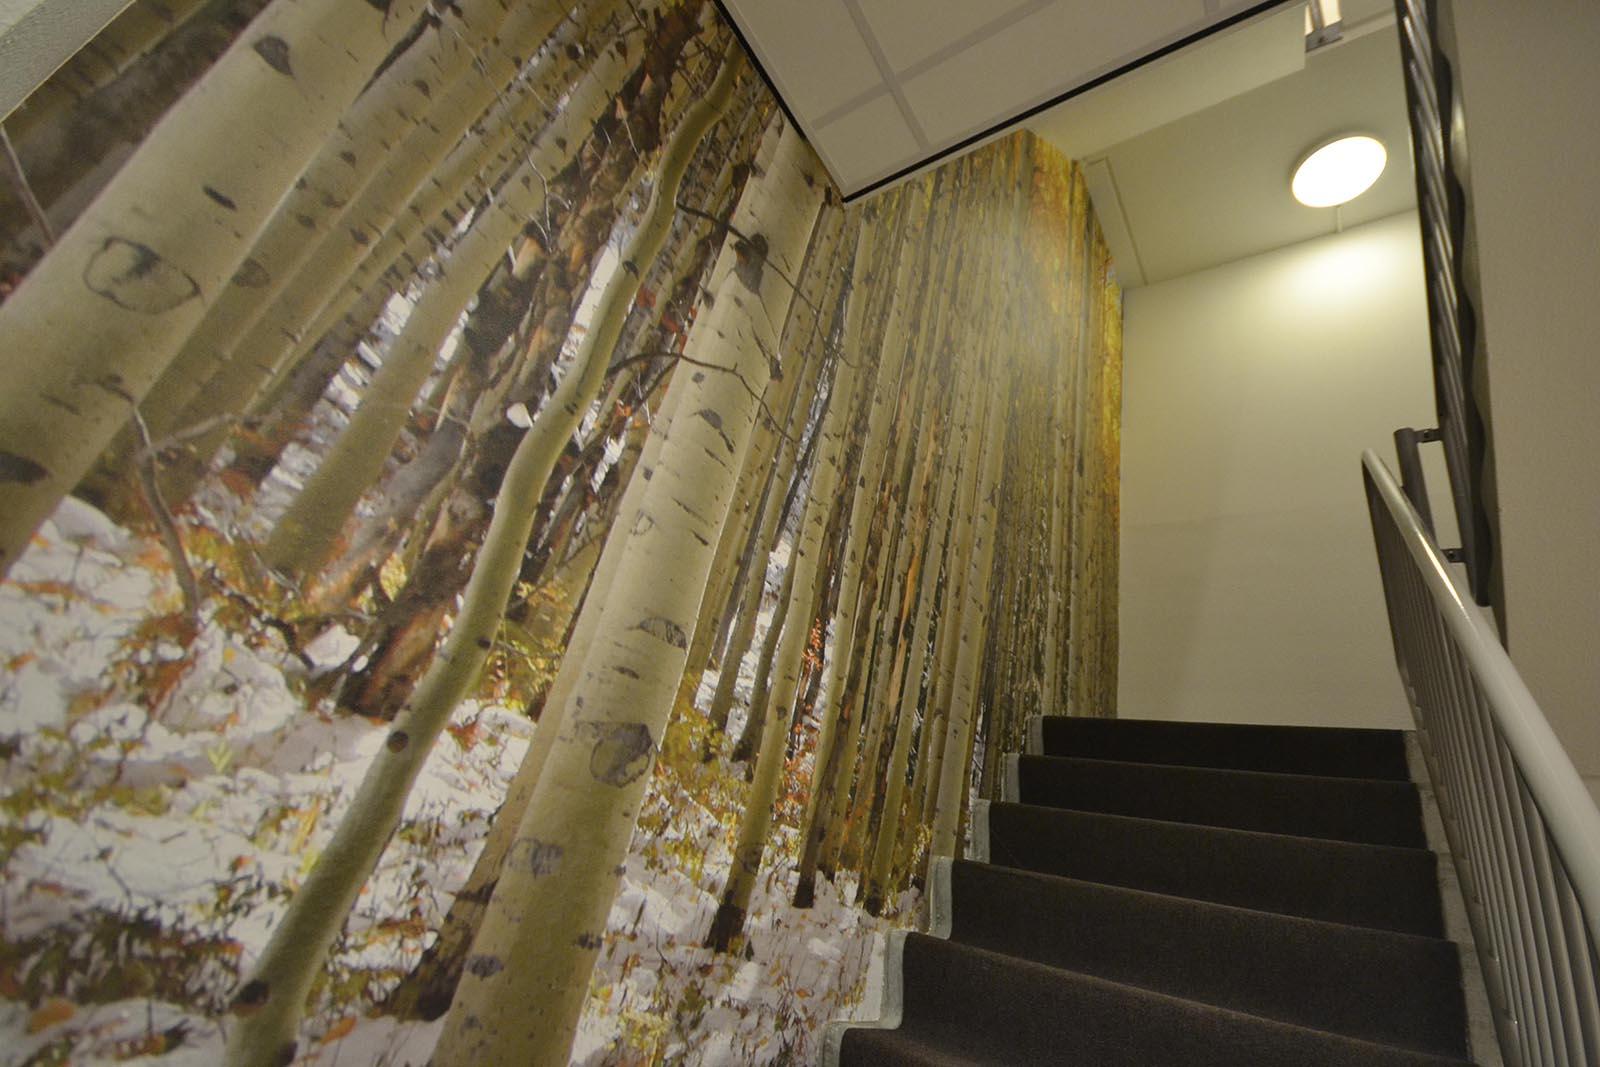 Fotobehang met bos 3 inspirerende voorbeelden!